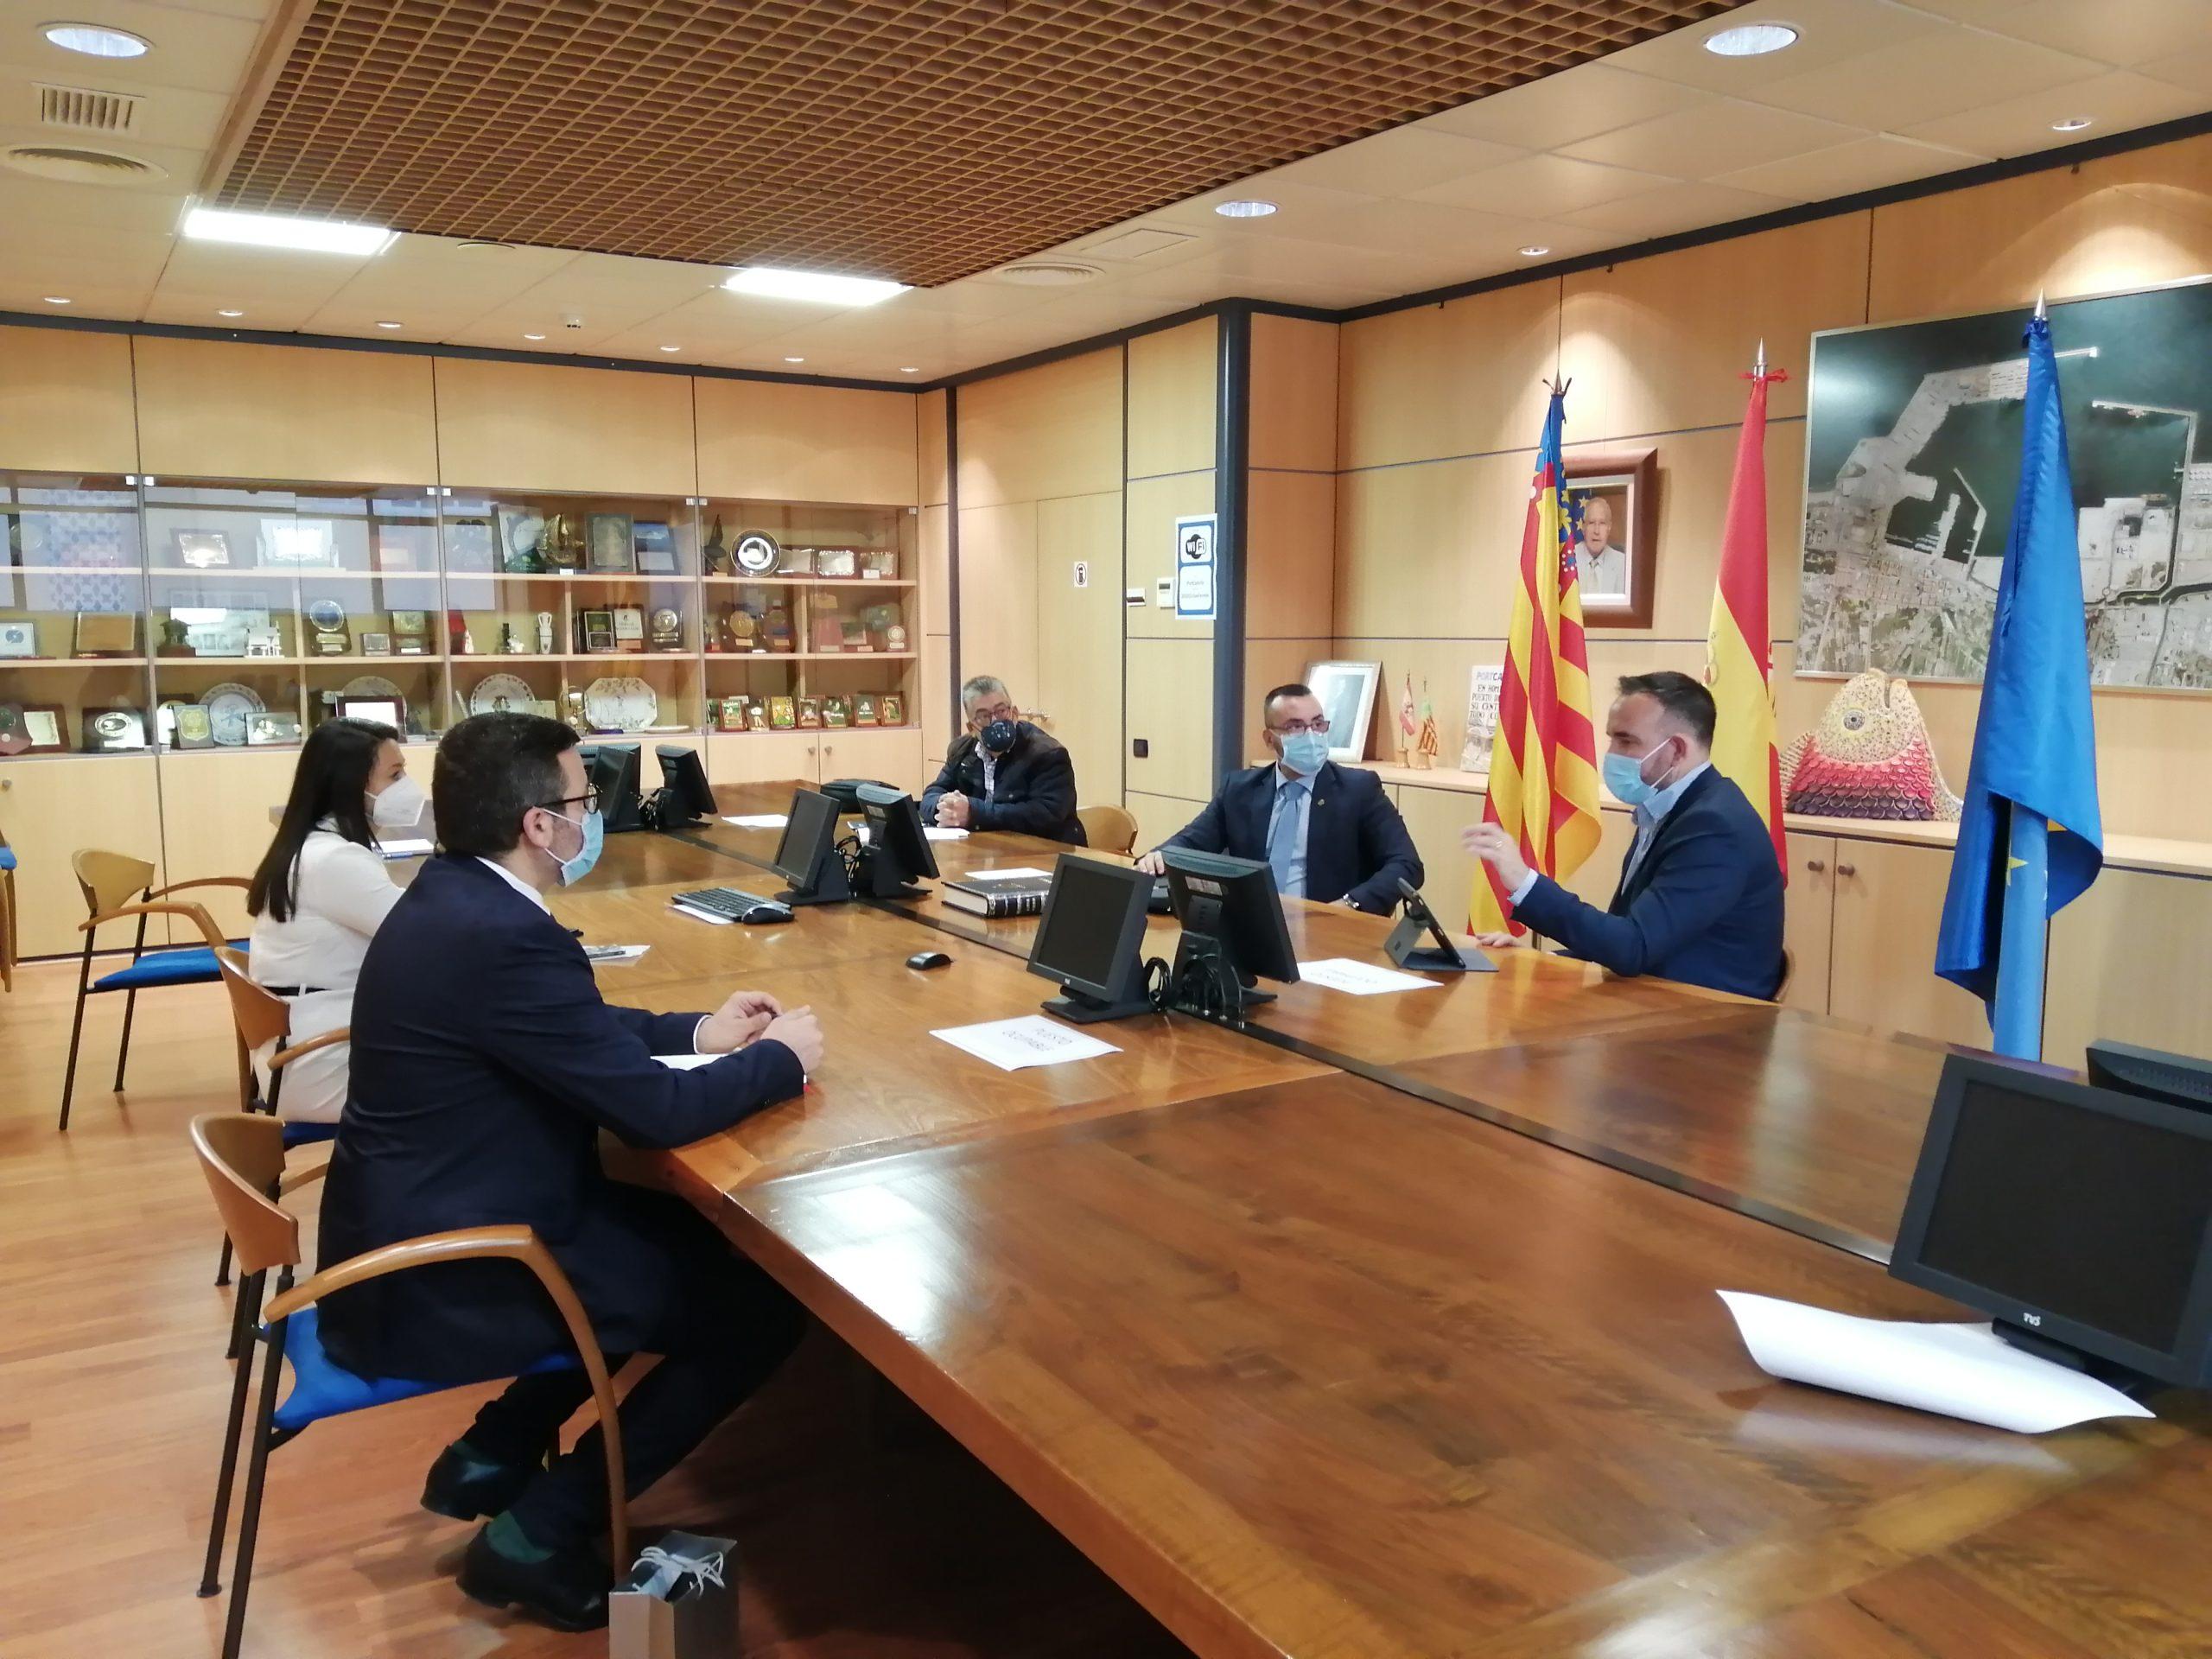 PortCastelló y ayuntamiento de Vila-real impulsan la economía del conocimiento